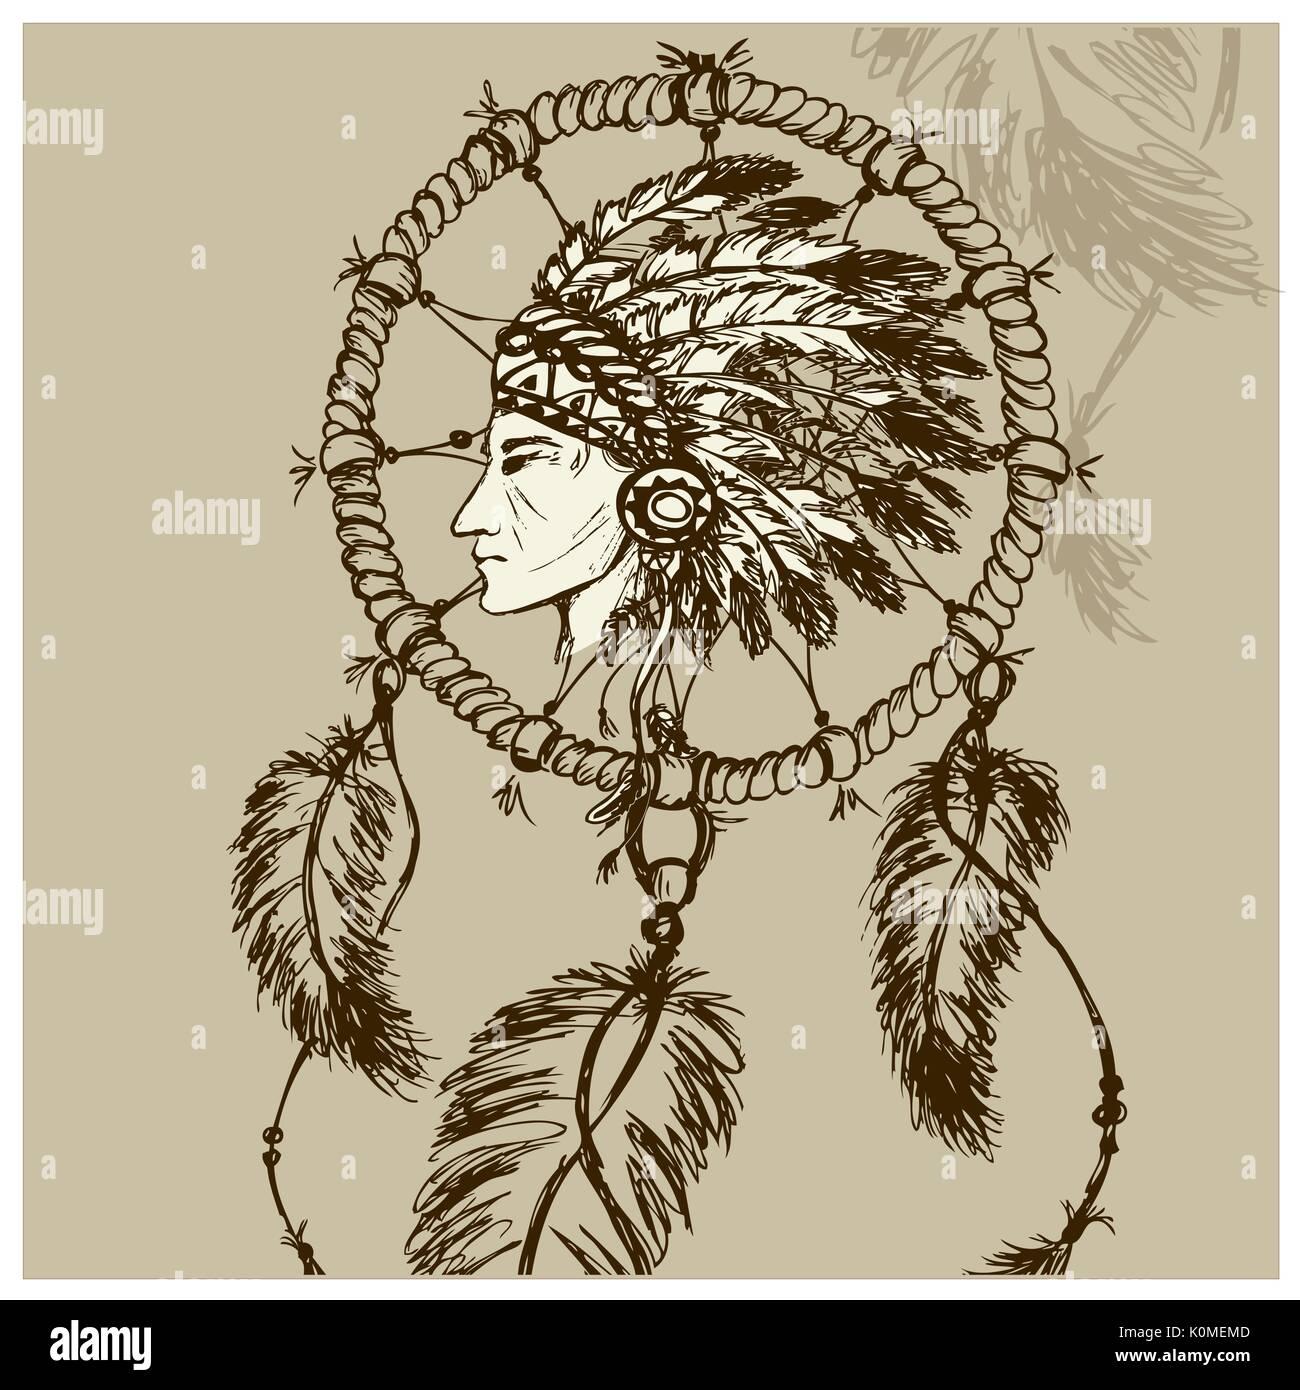 Los Indios De Norteamérica Con Atrapasueños Vector Dibujados A Mano